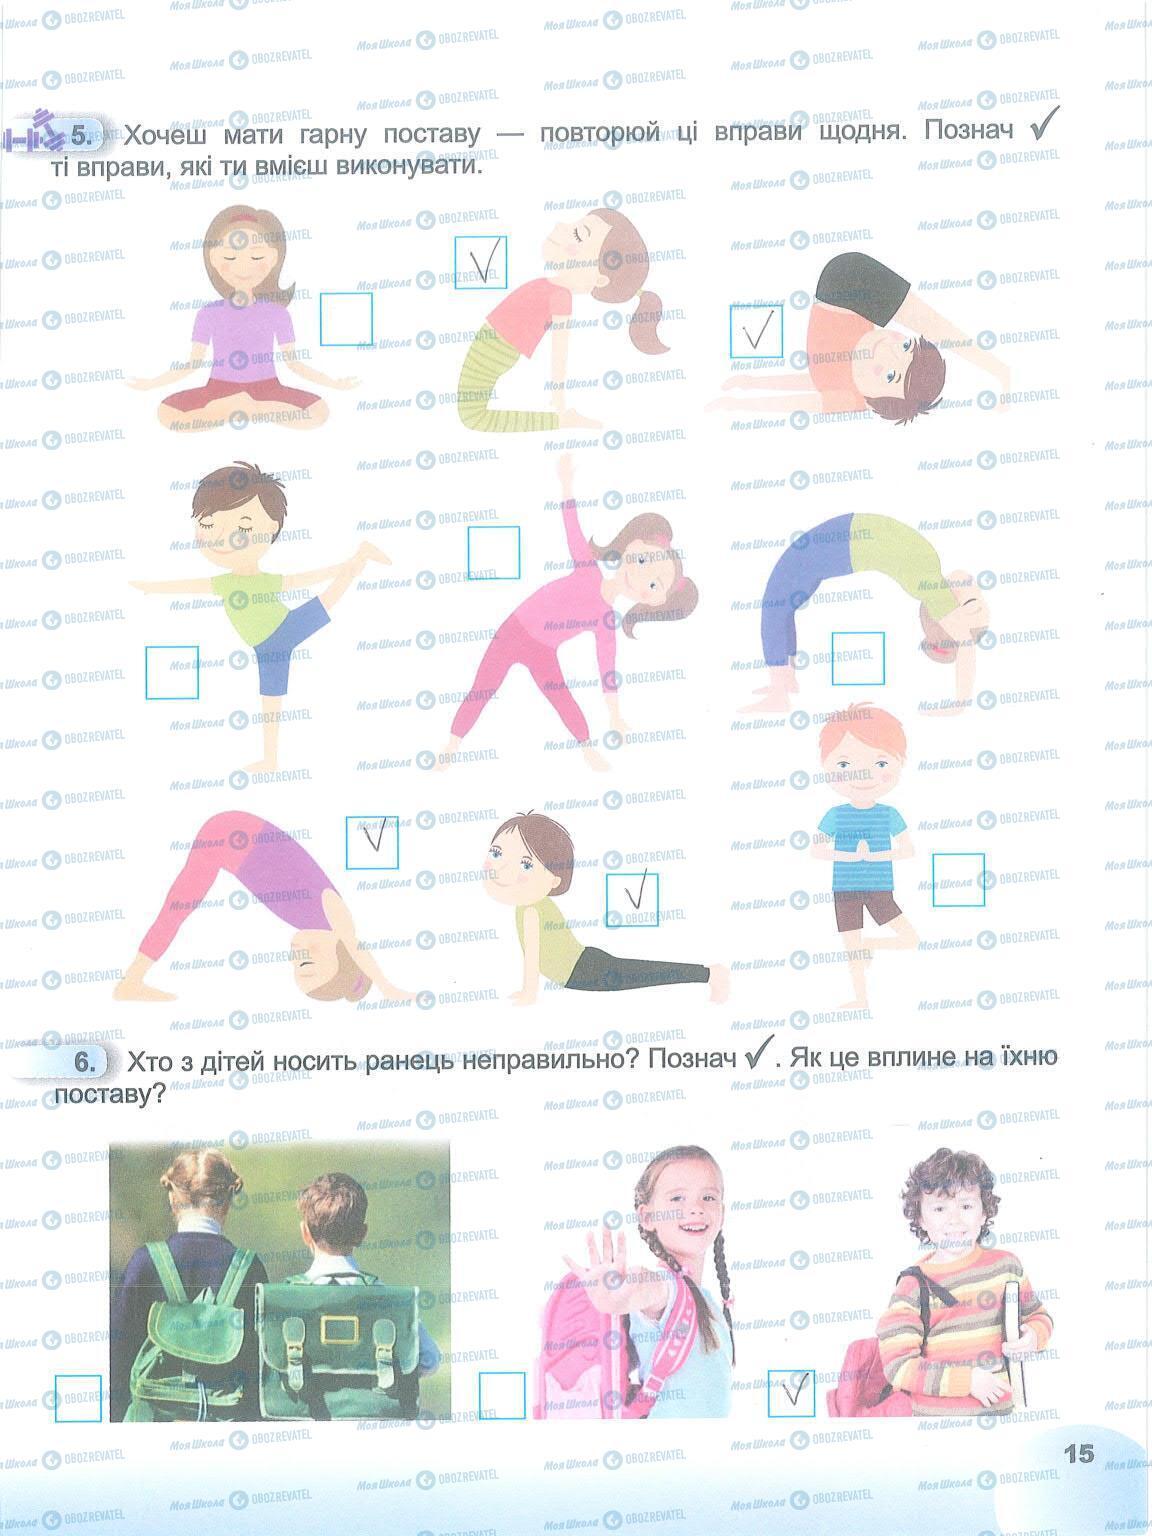 ГДЗ Я досліджую світ 1 клас сторінка 15